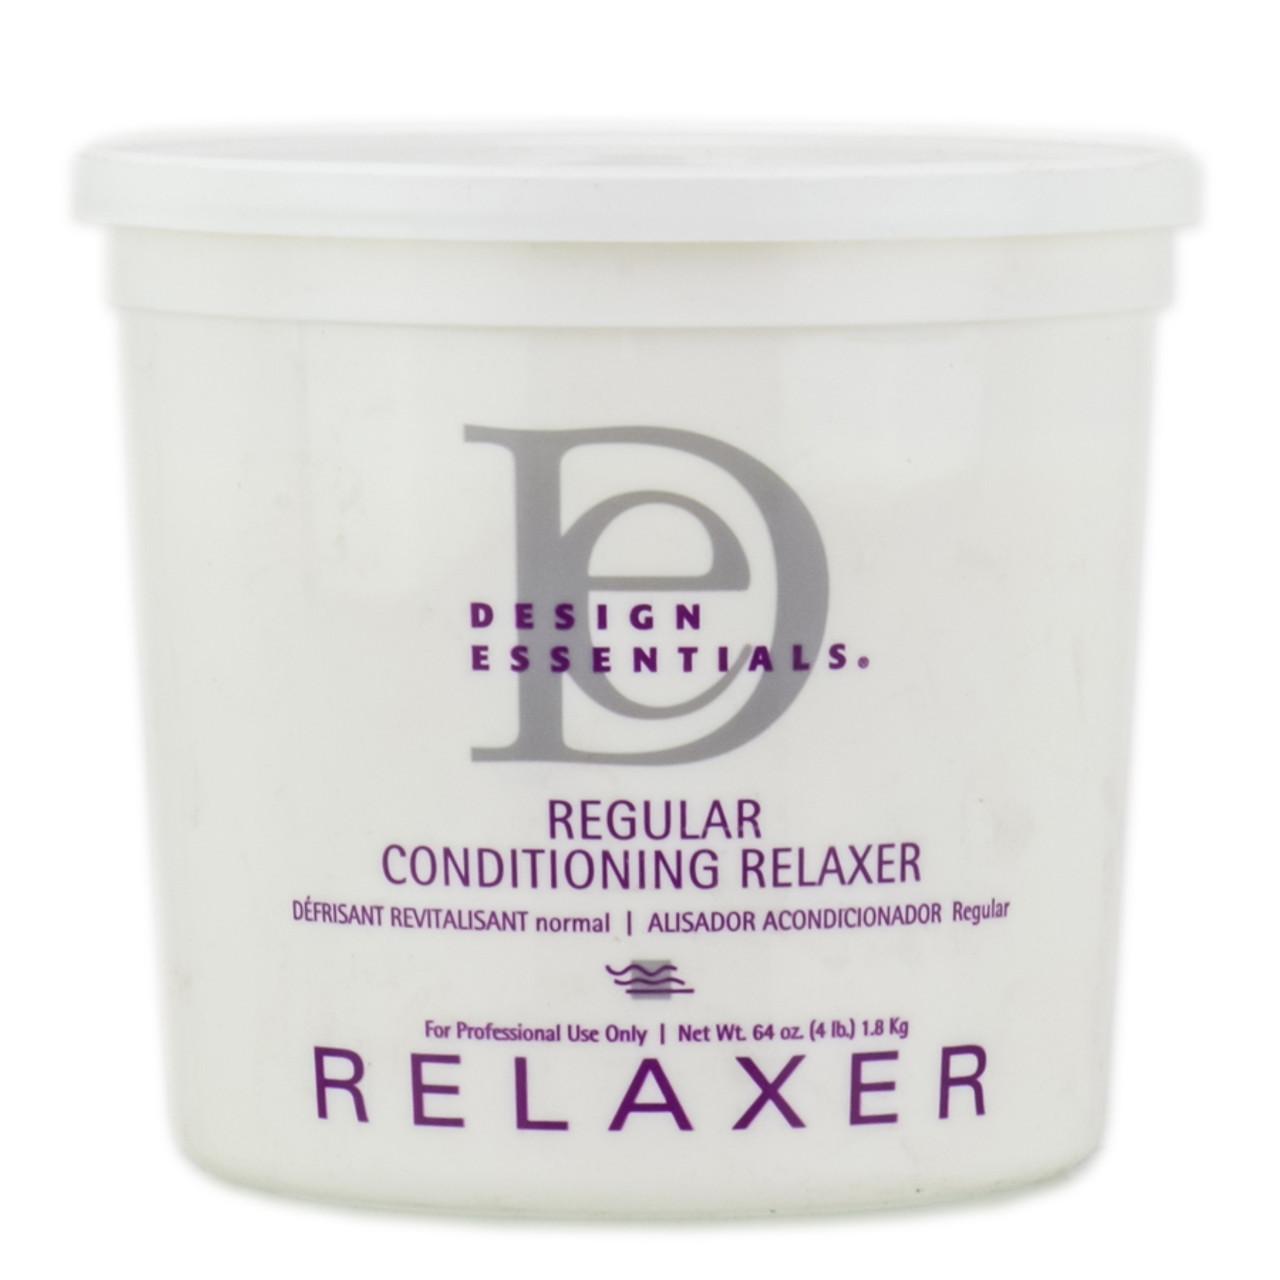 Home Designer Essentials: Design Essentials Regular Conditioning Relaxer